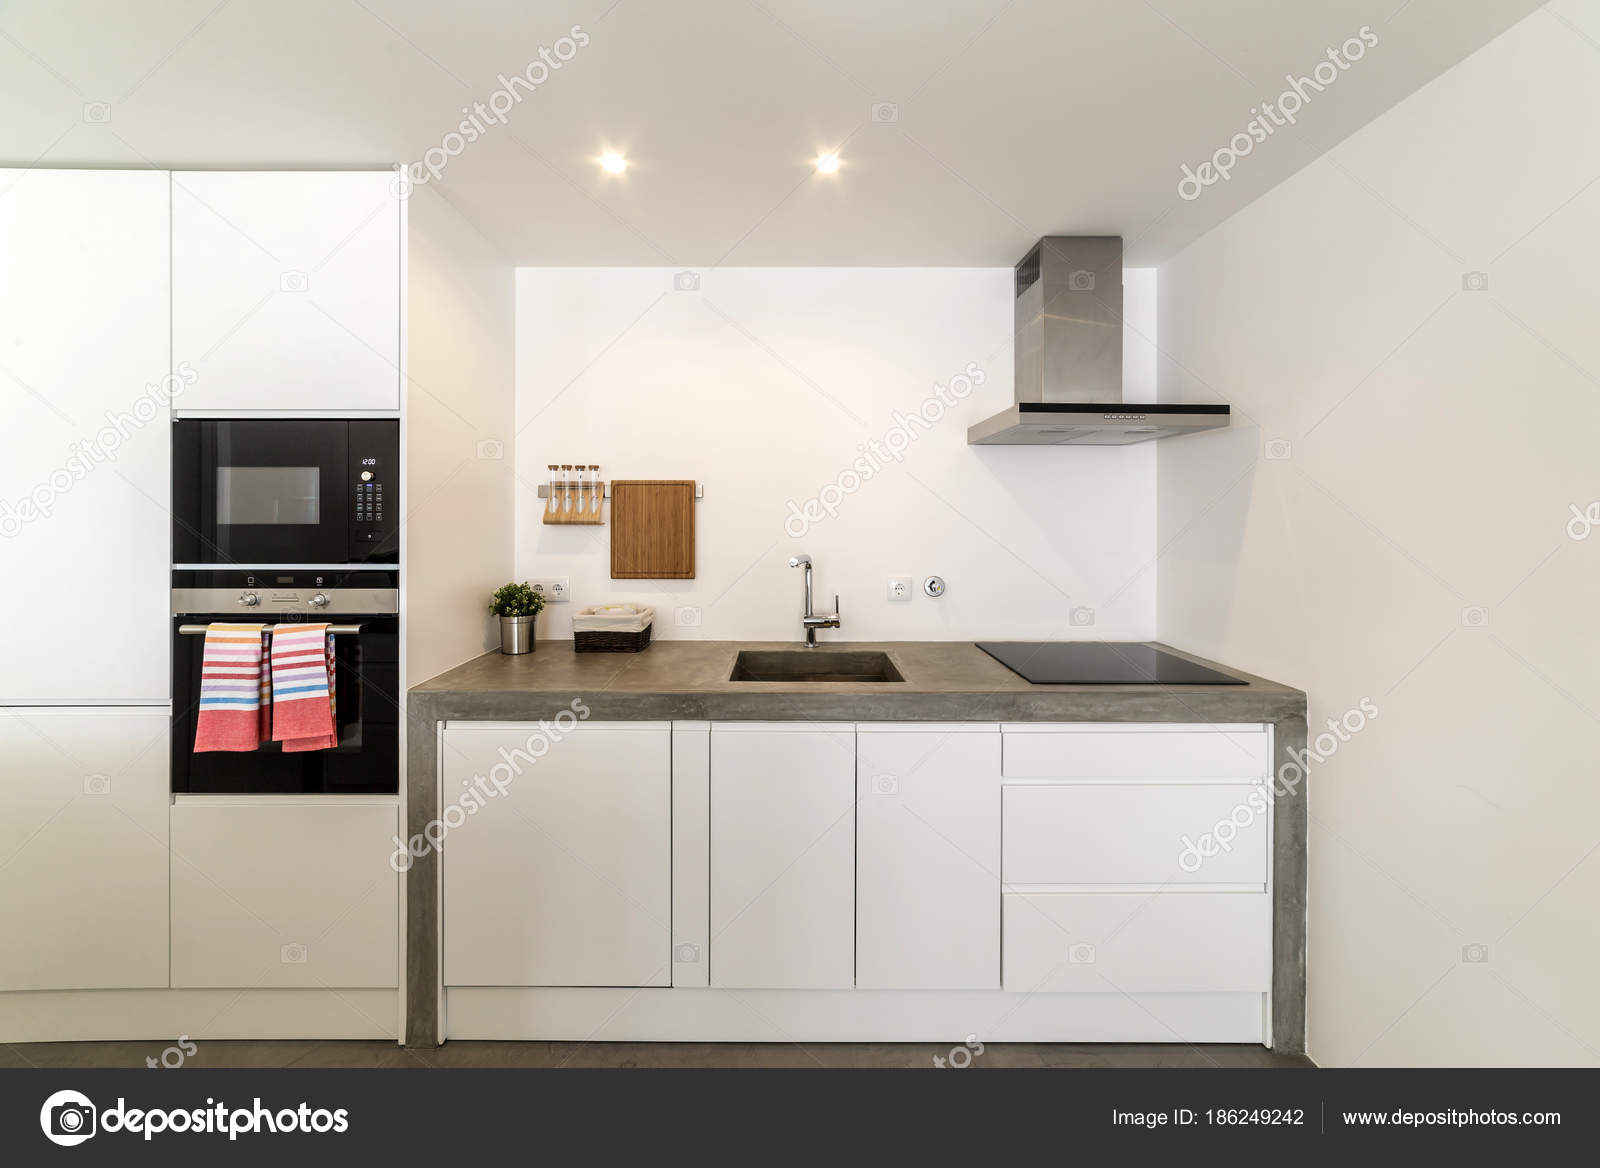 Cucina moderna con pavimento di piastrelle grigie e muro bianco